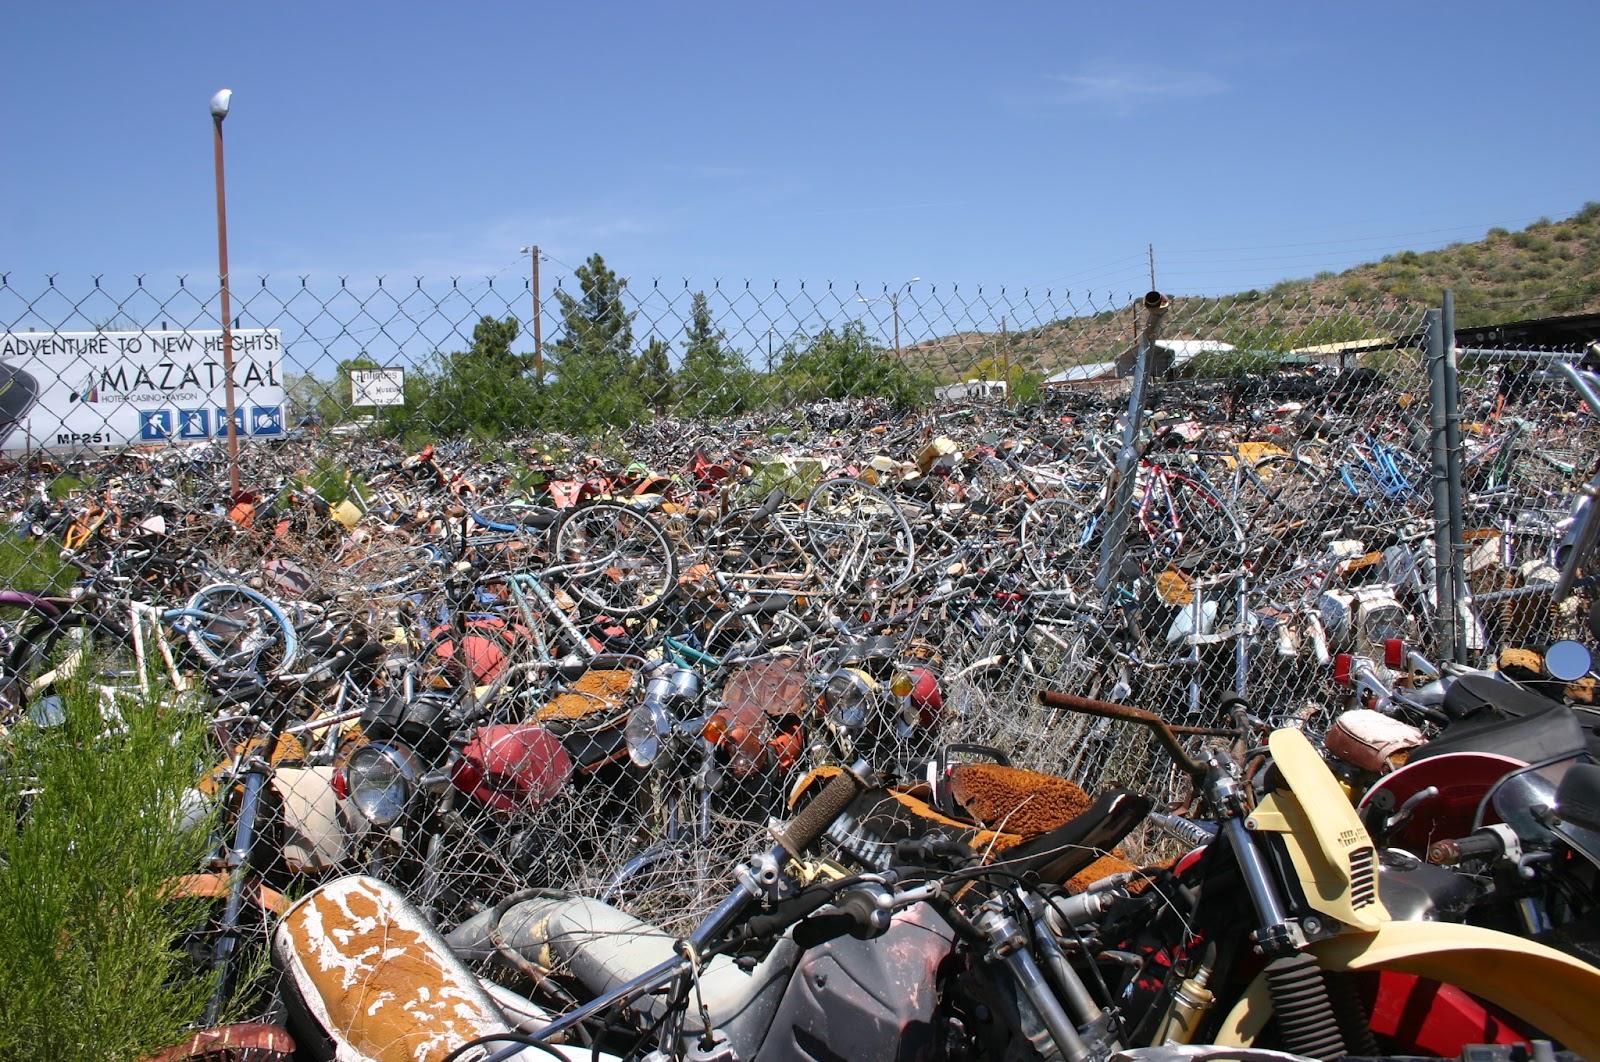 Mini Bike Junkyard : Mini bike hacks tribute to all bikes rye az possibly